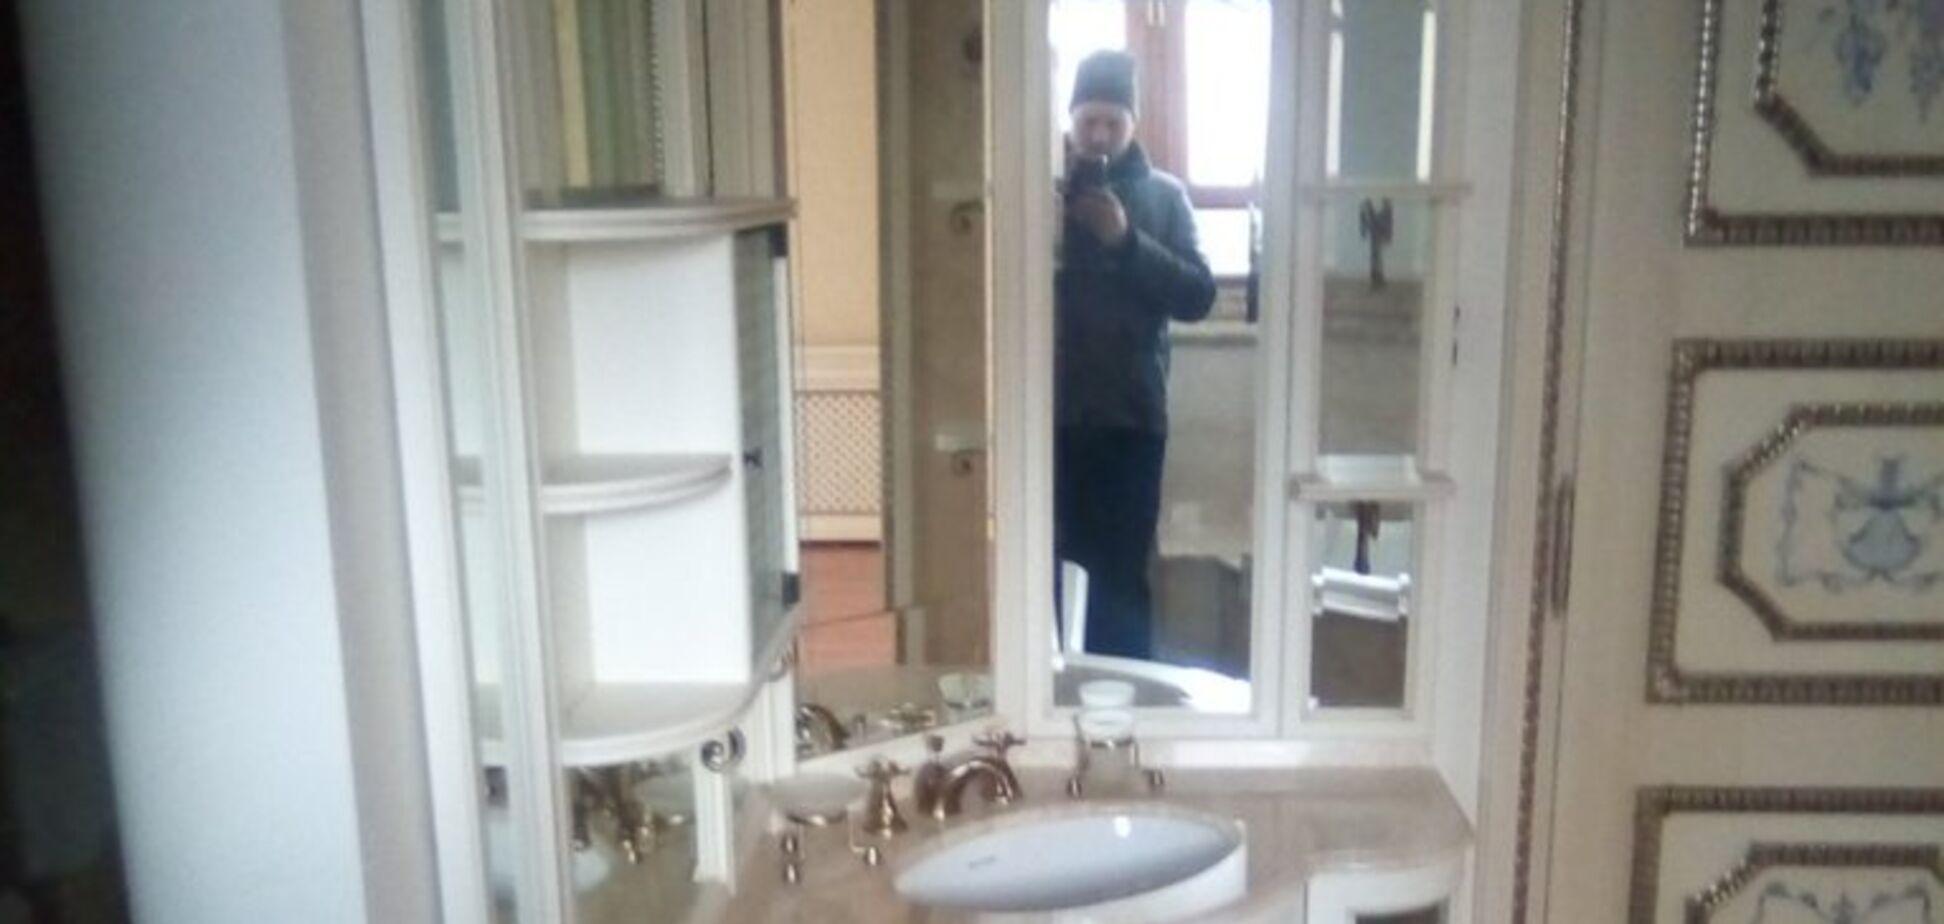 ''Проклята'' розкіш: елітні апартаменти Януковича в Києві потрапили на відео